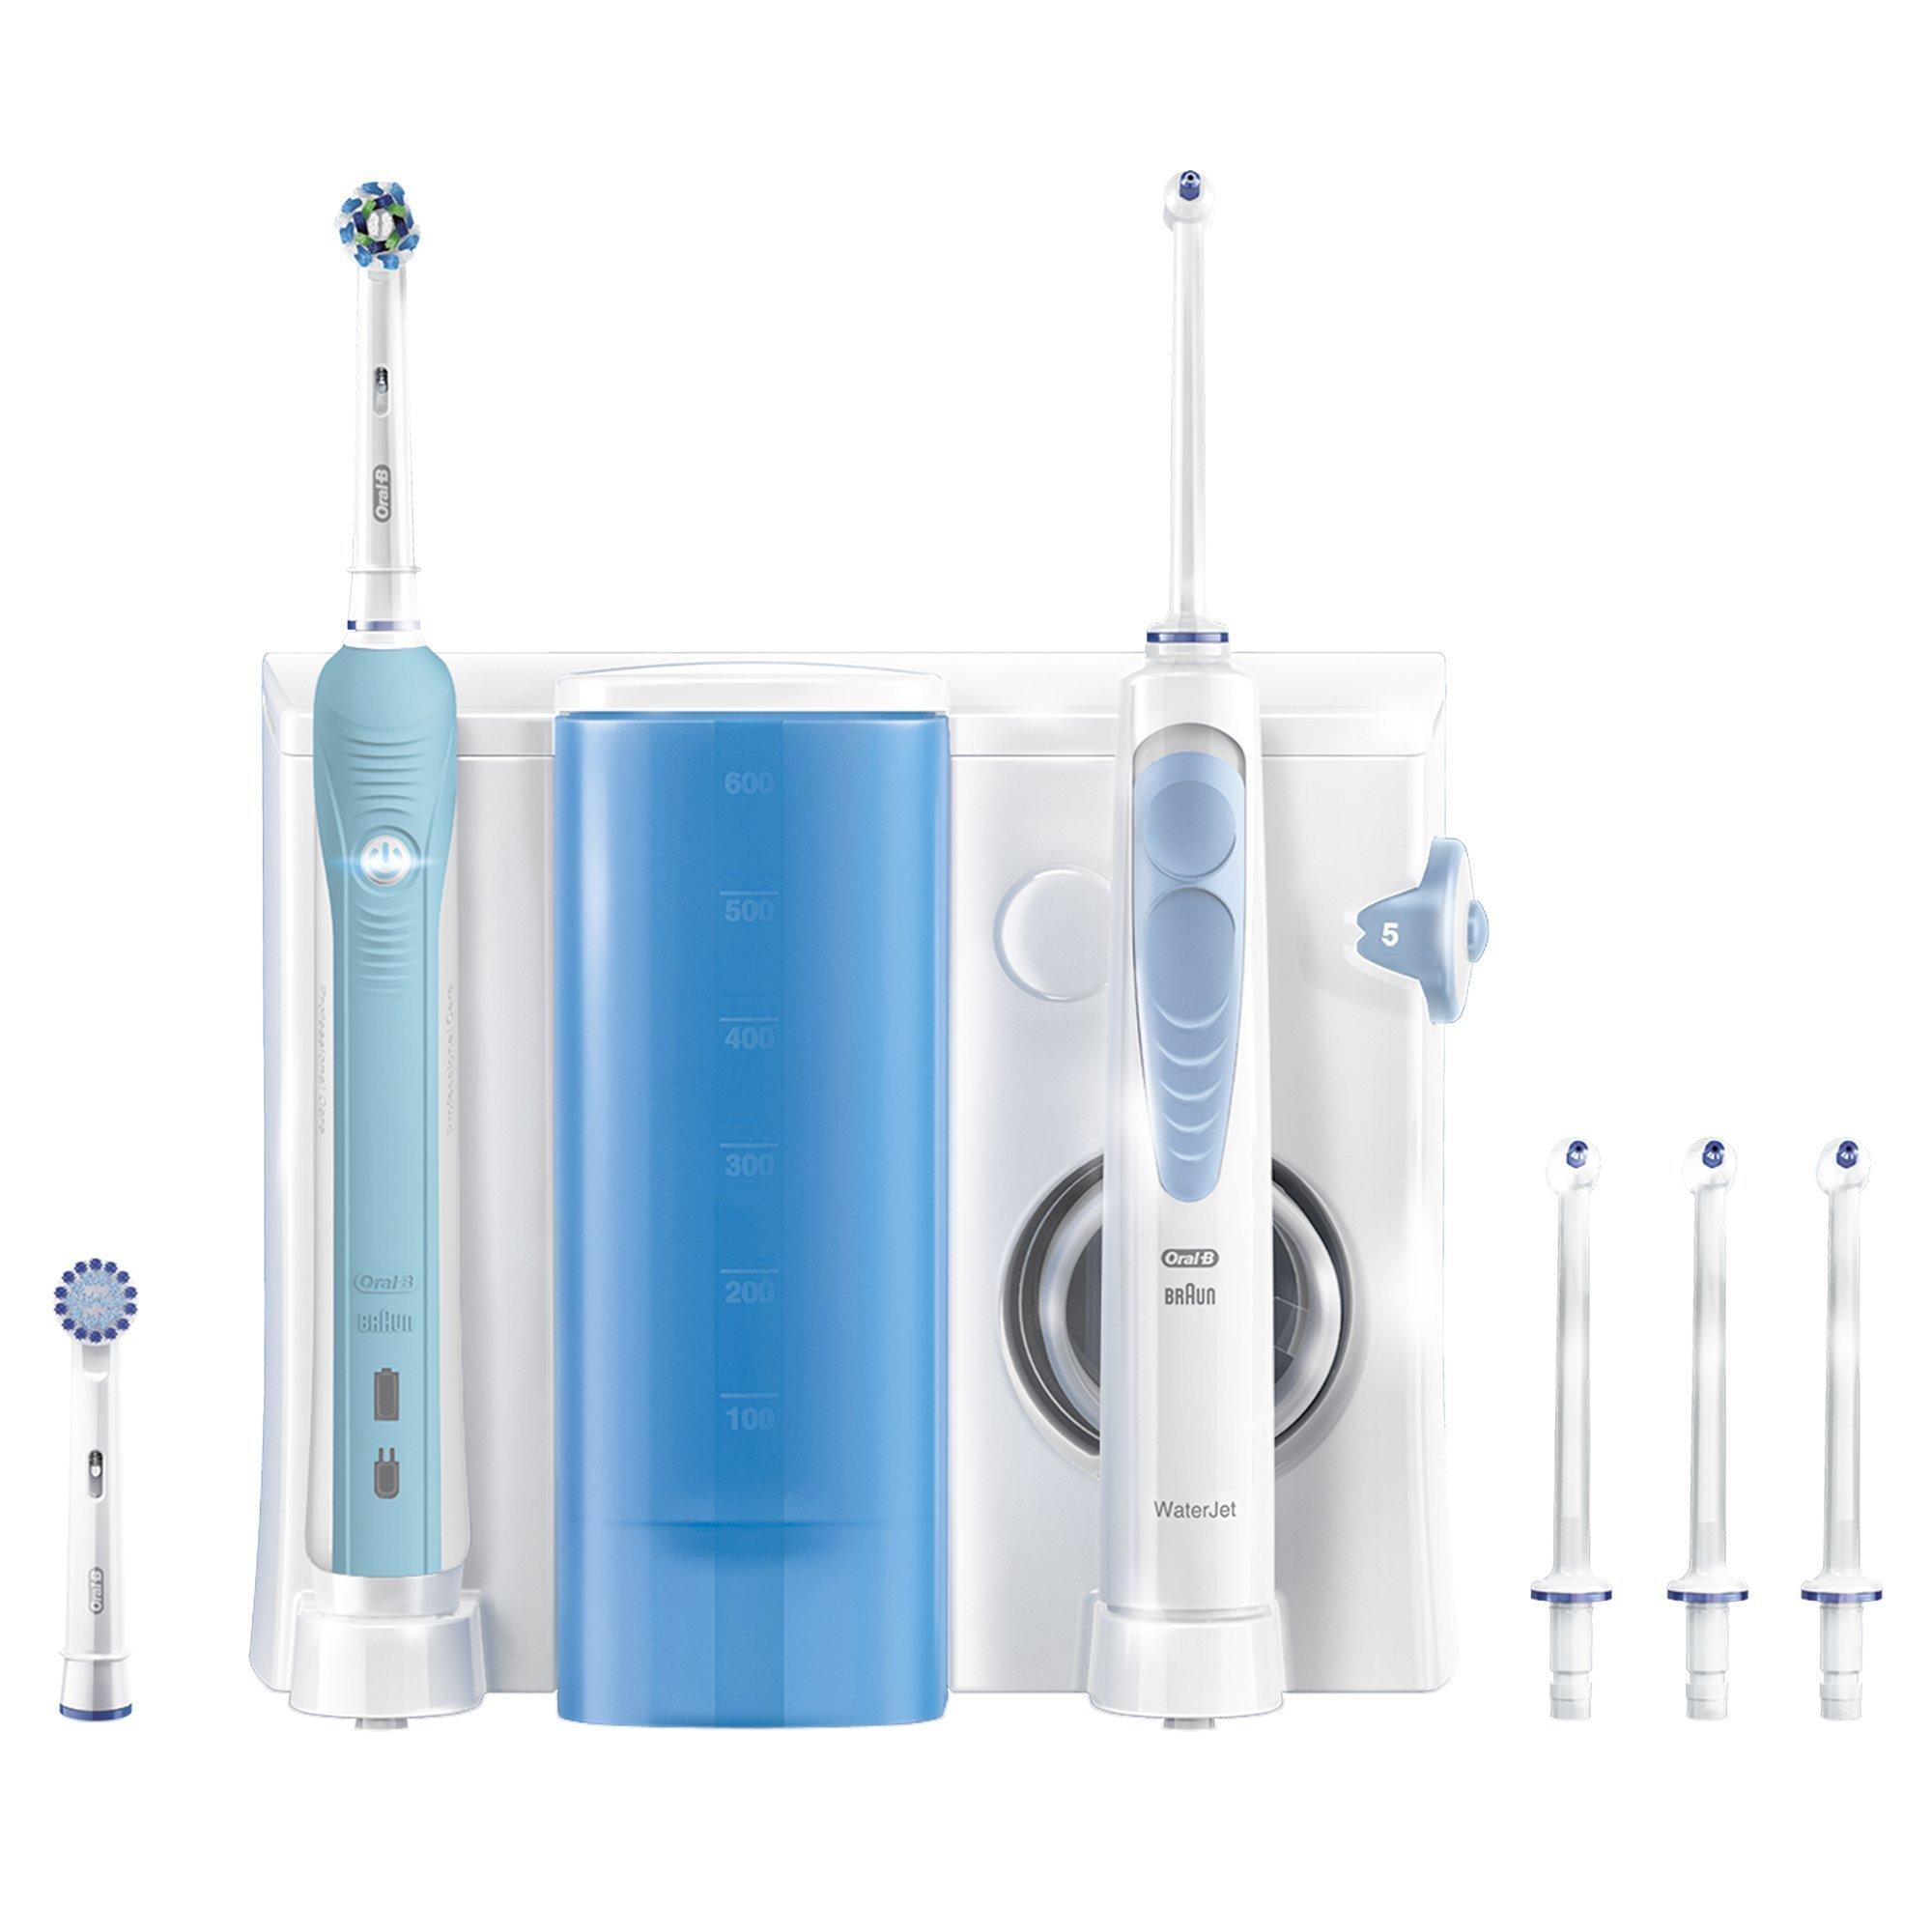 Oral-B Waterjet Hydropulseur Système de Nettoyage avec Pro 700 Brosse à Dents Électrique product image